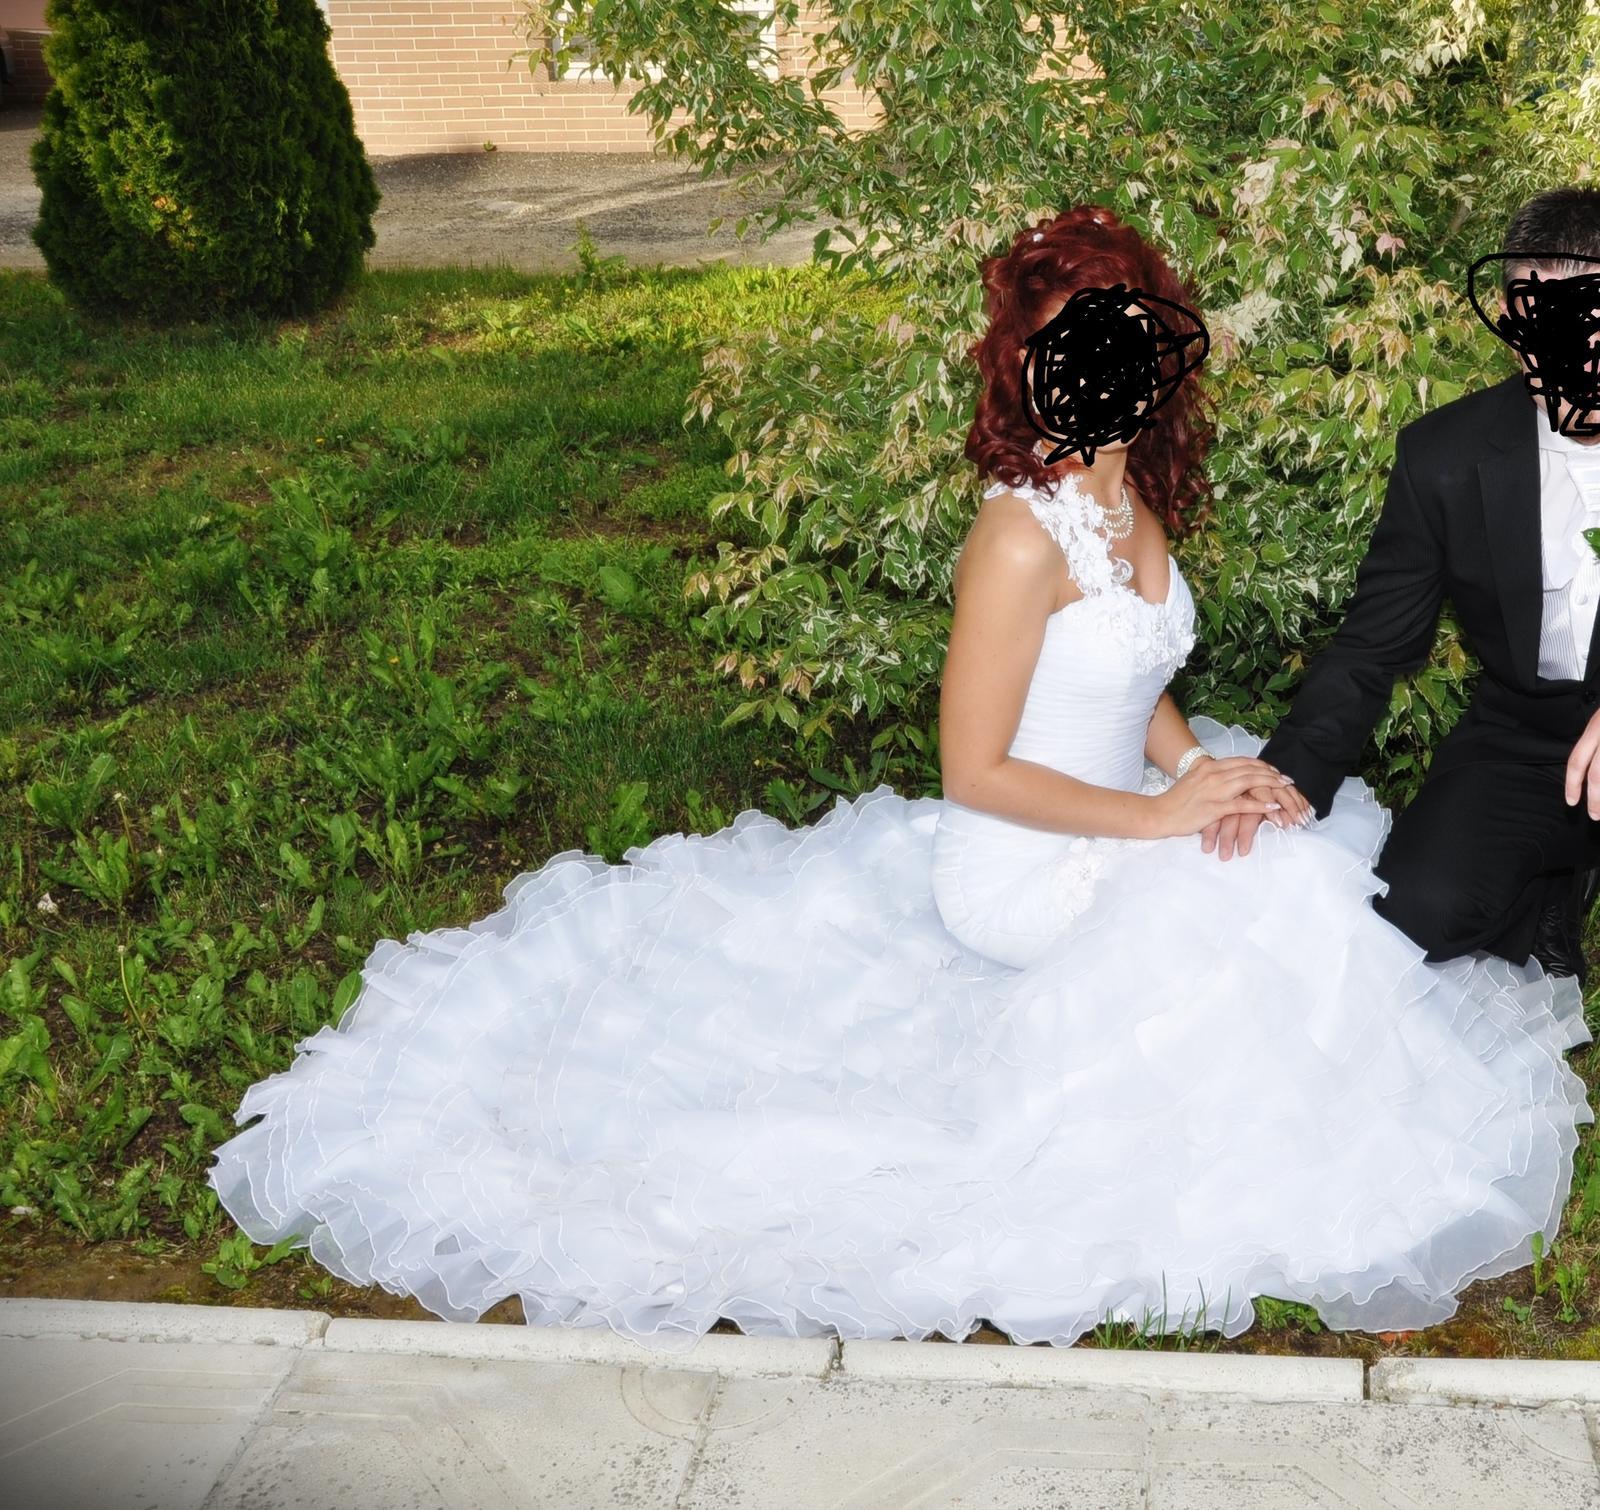 Biele svadobné šaty - Obrázok č. 3